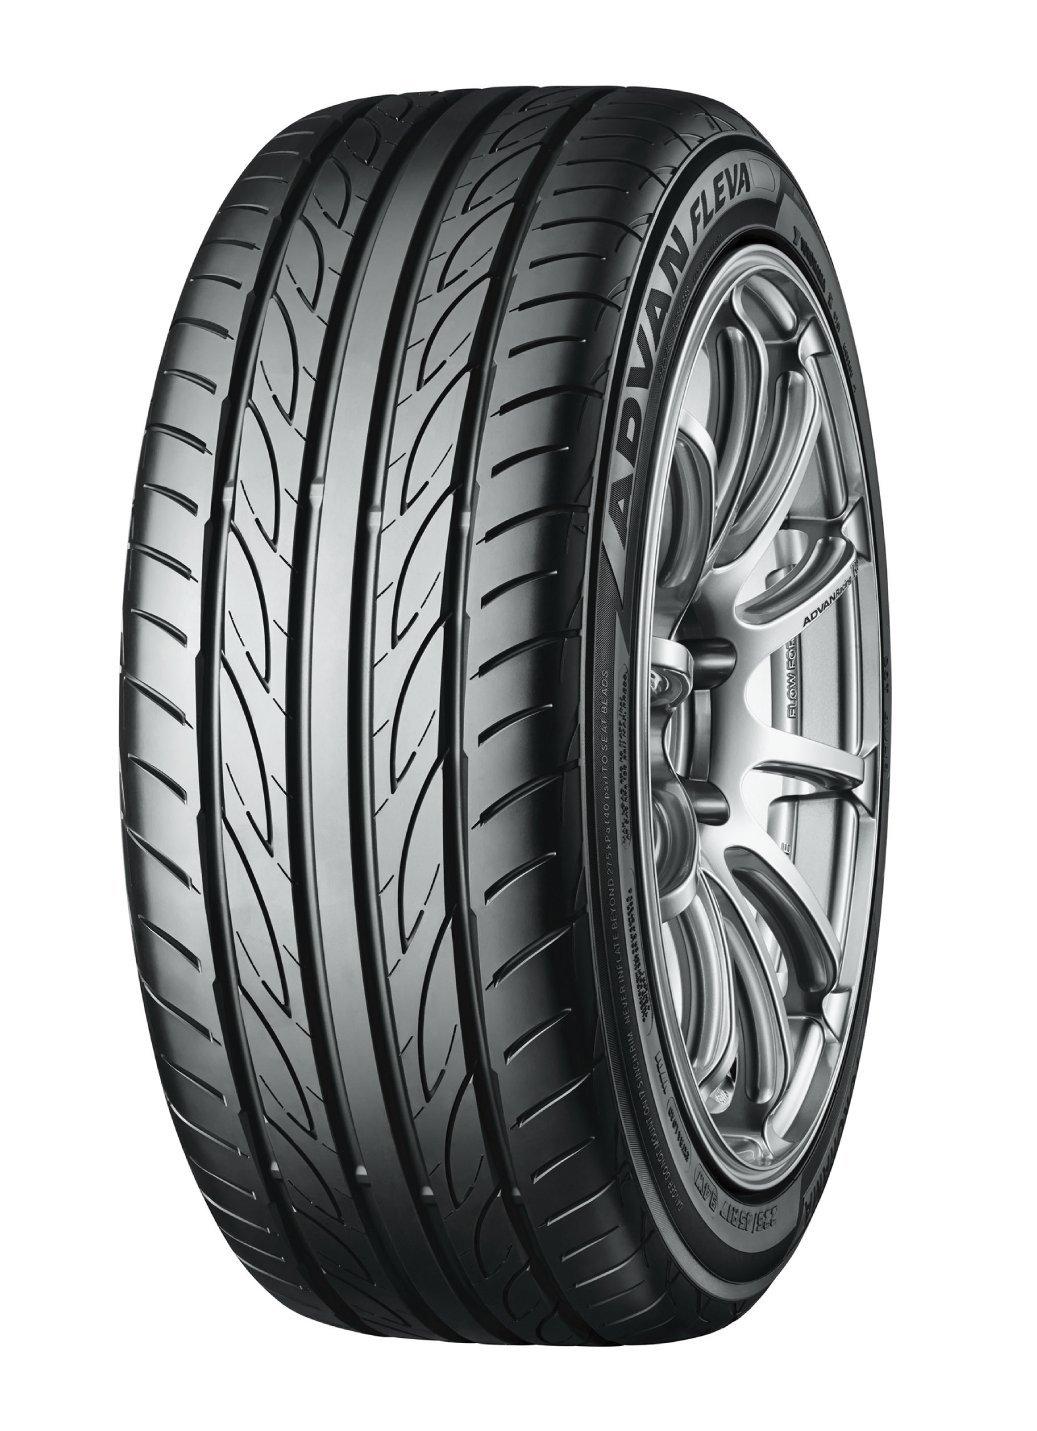 ヨコハマ(YOKOHAMA) 低燃費タイヤ ADVAN FLEVA V701 225/35R19 R0408 B01N5R33BU